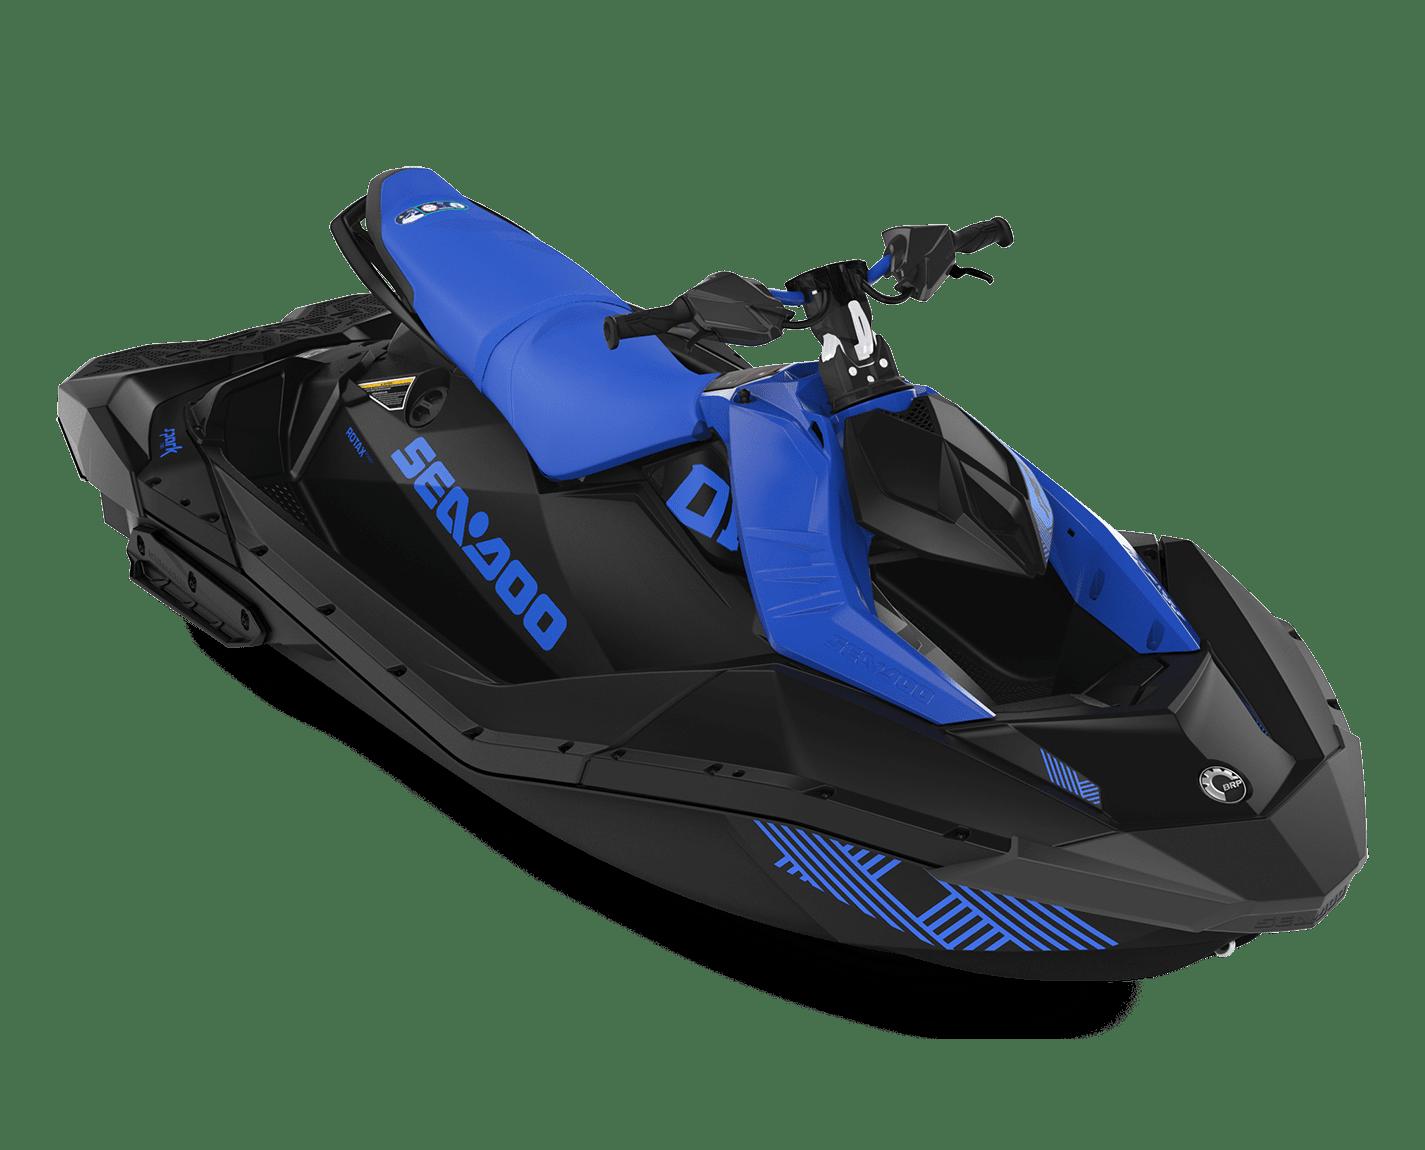 SPARK 3UP 90 IBR TRIXX BLUE BLACK 2022